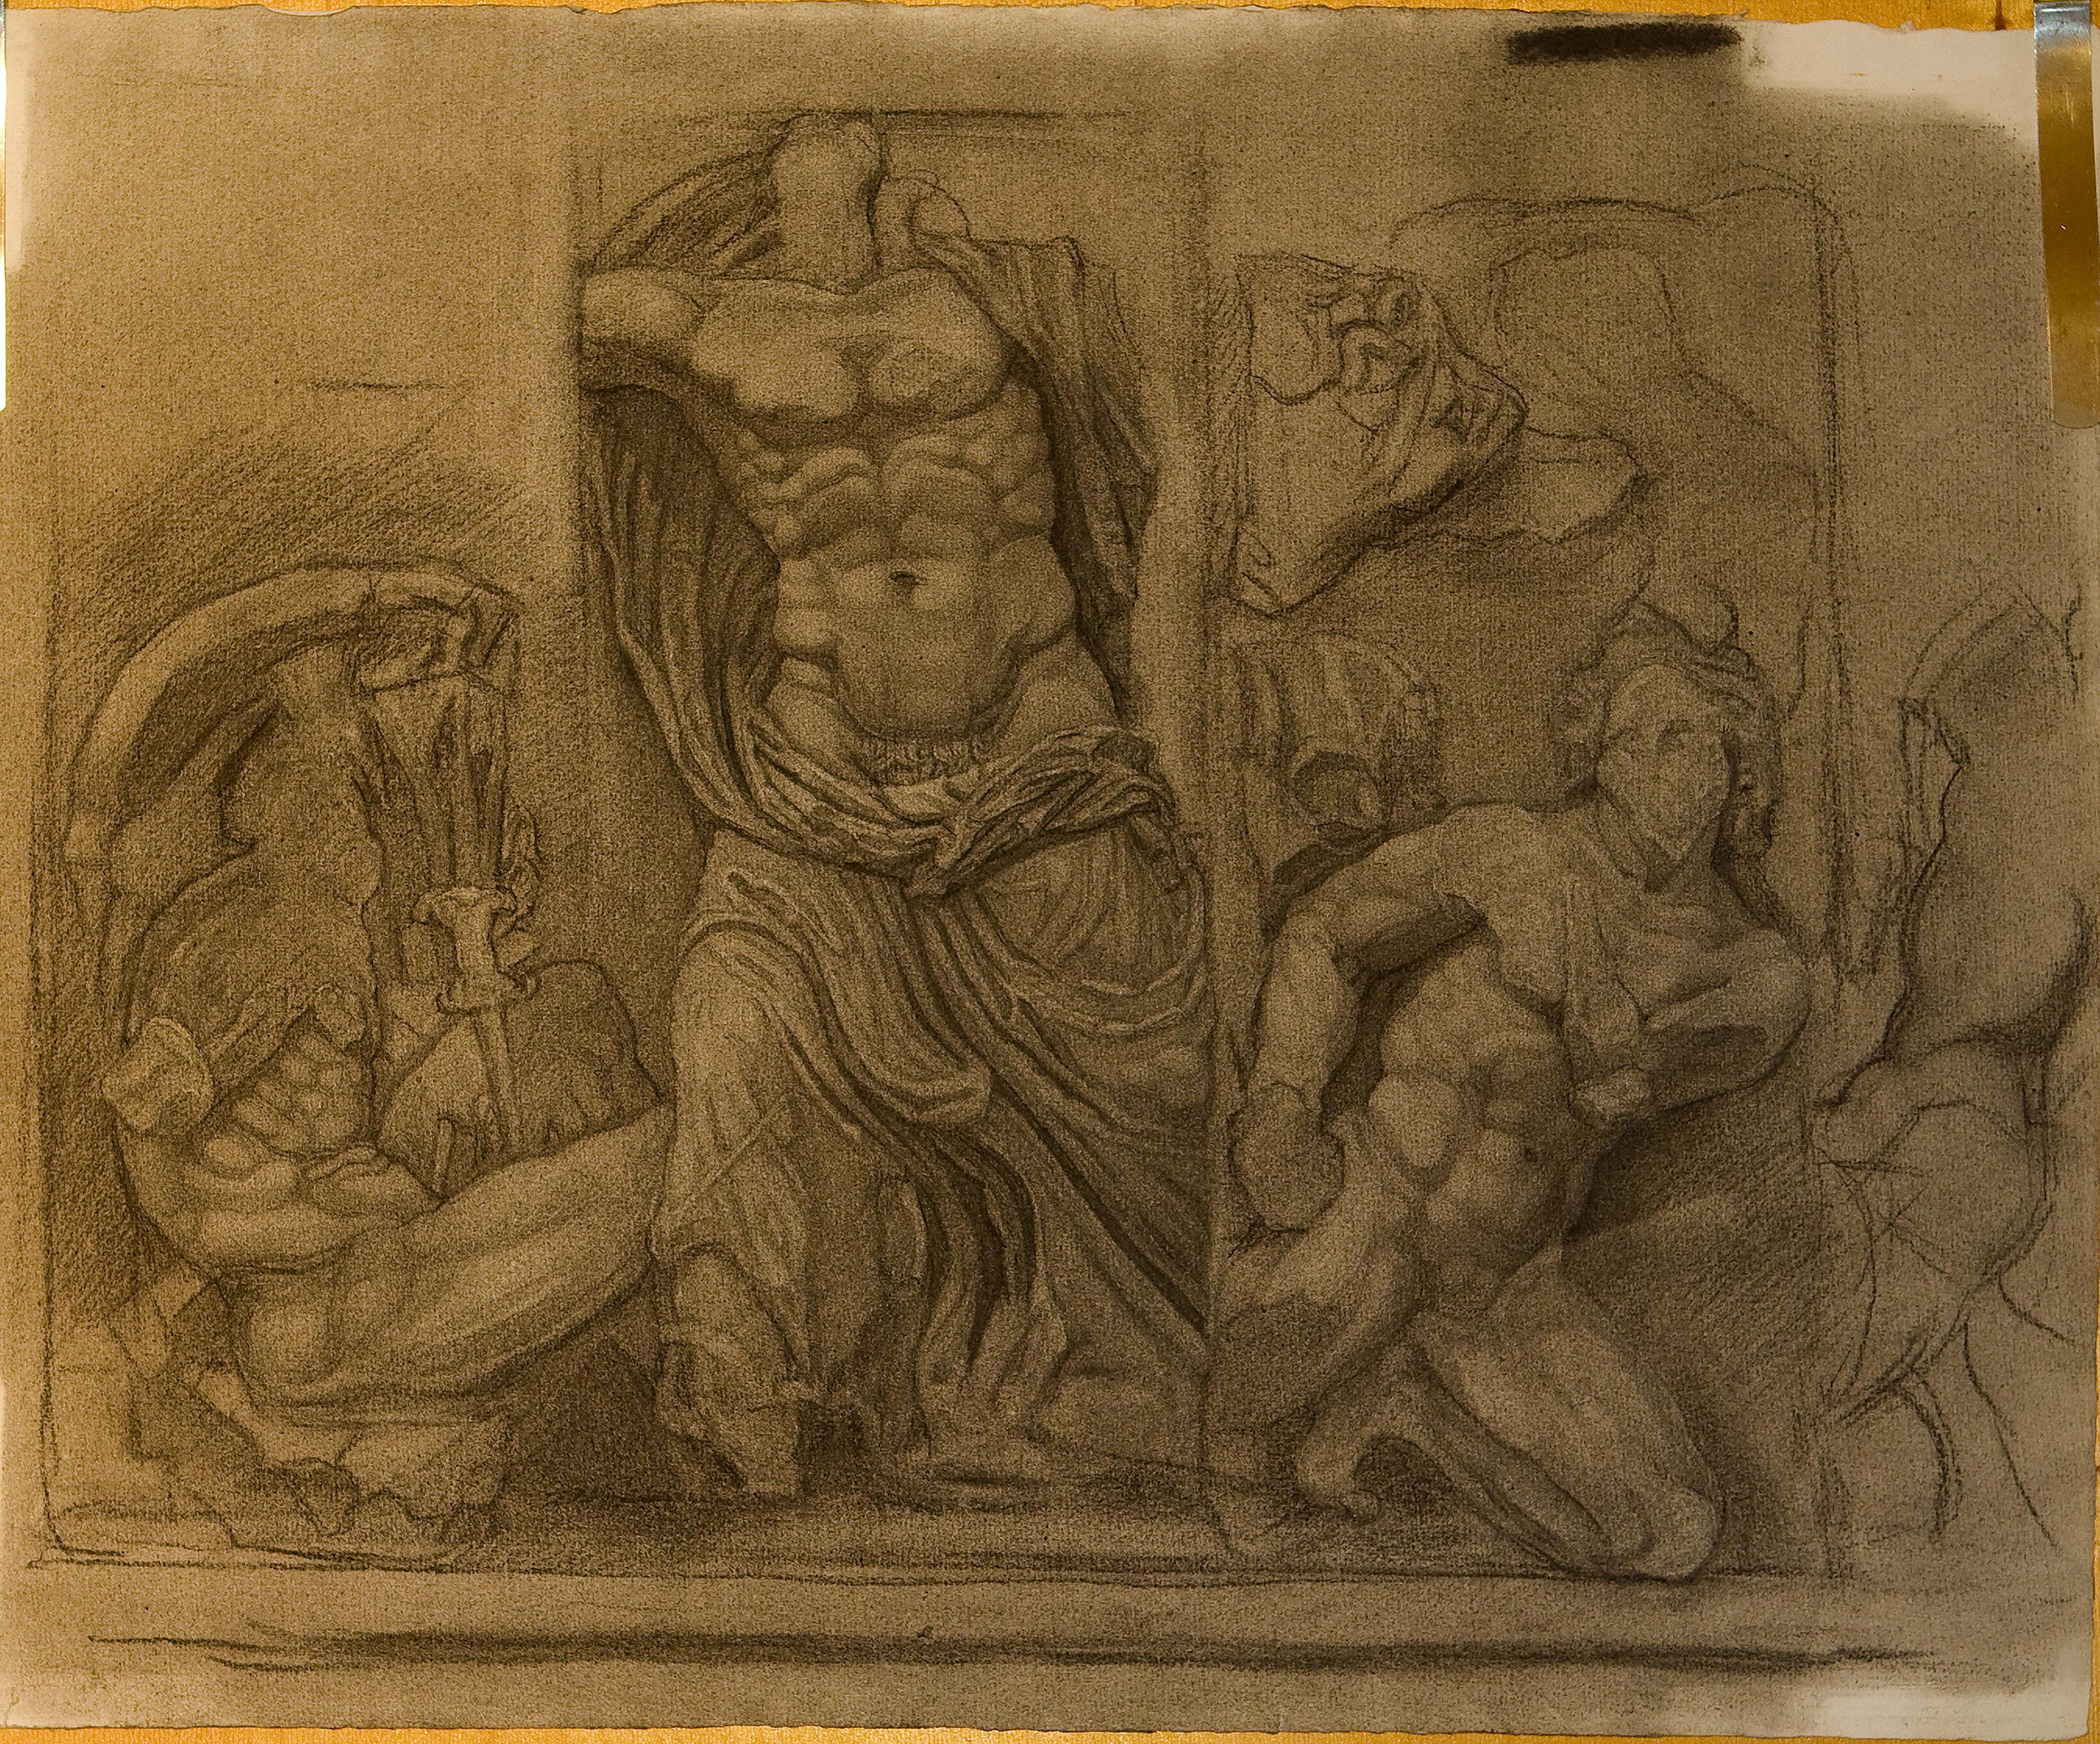 Zeus fights against Poryphion